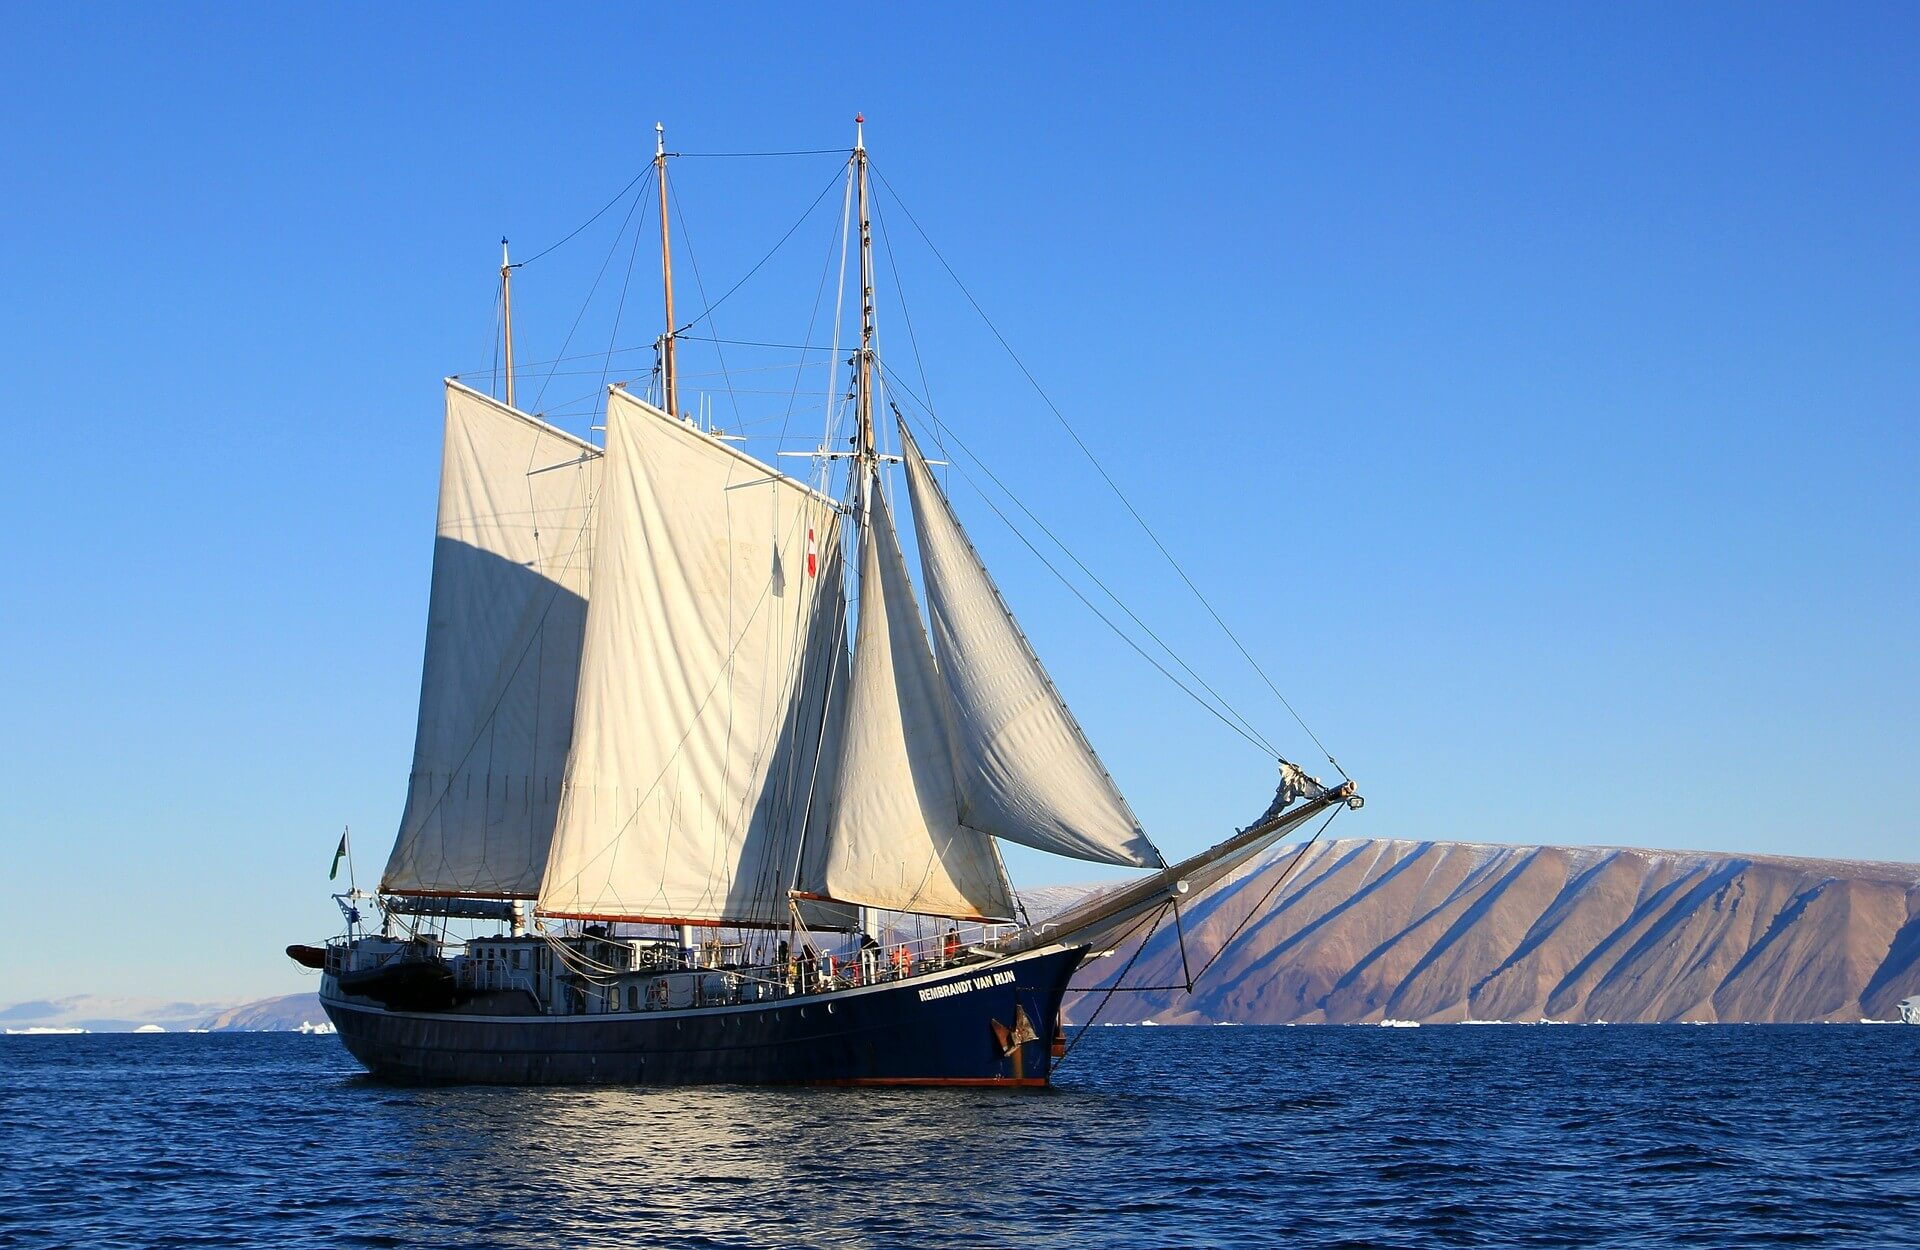 Vivere come andare in barca a vela chizzocute for Accessori per barca a vela